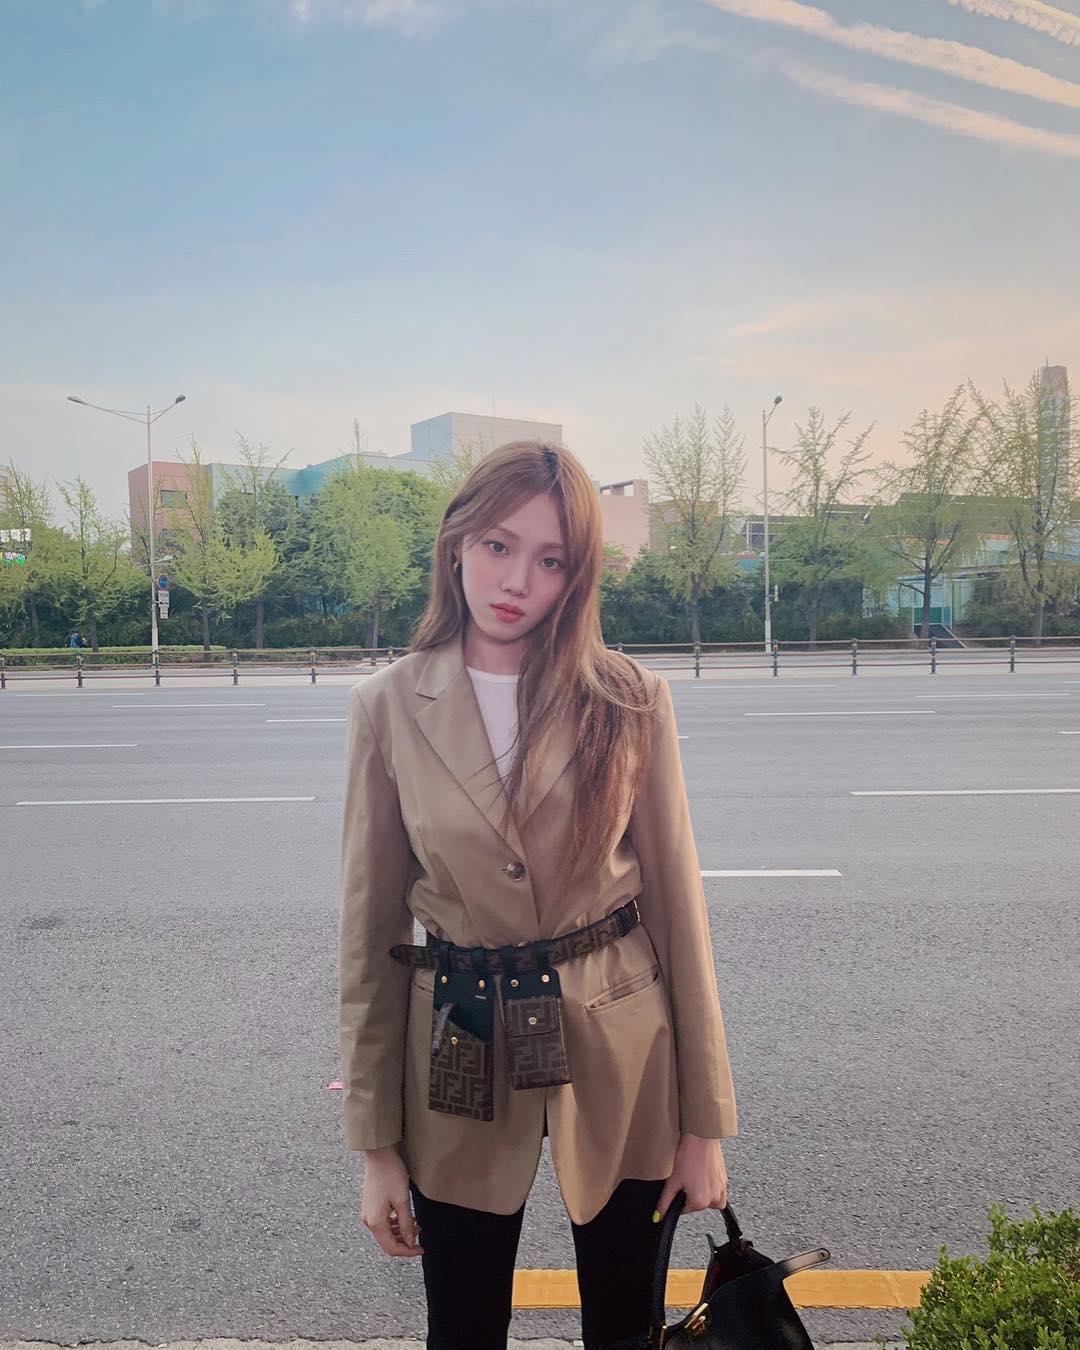 túi bao tử phong cách retro 90 vintage áo blazer quần jeans lee sung kyung